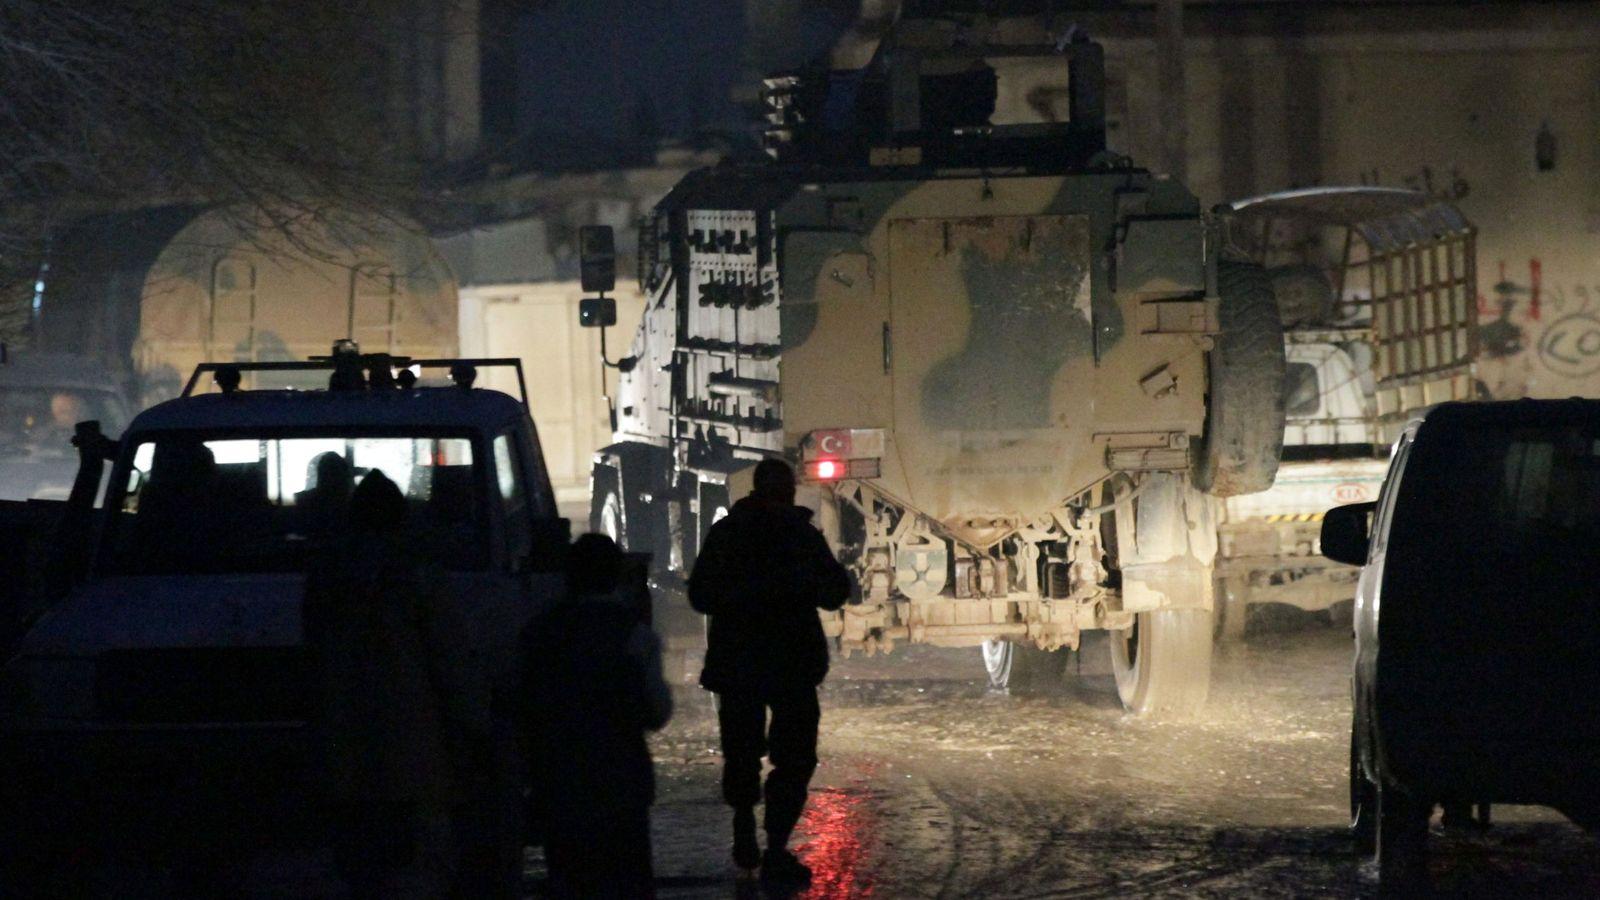 Foto: Un vehículo militar turco conduce en la localidad de Al Rai, al norte de la provincia de Alepo, el 27 de diciembre de 2016 (Reuters)